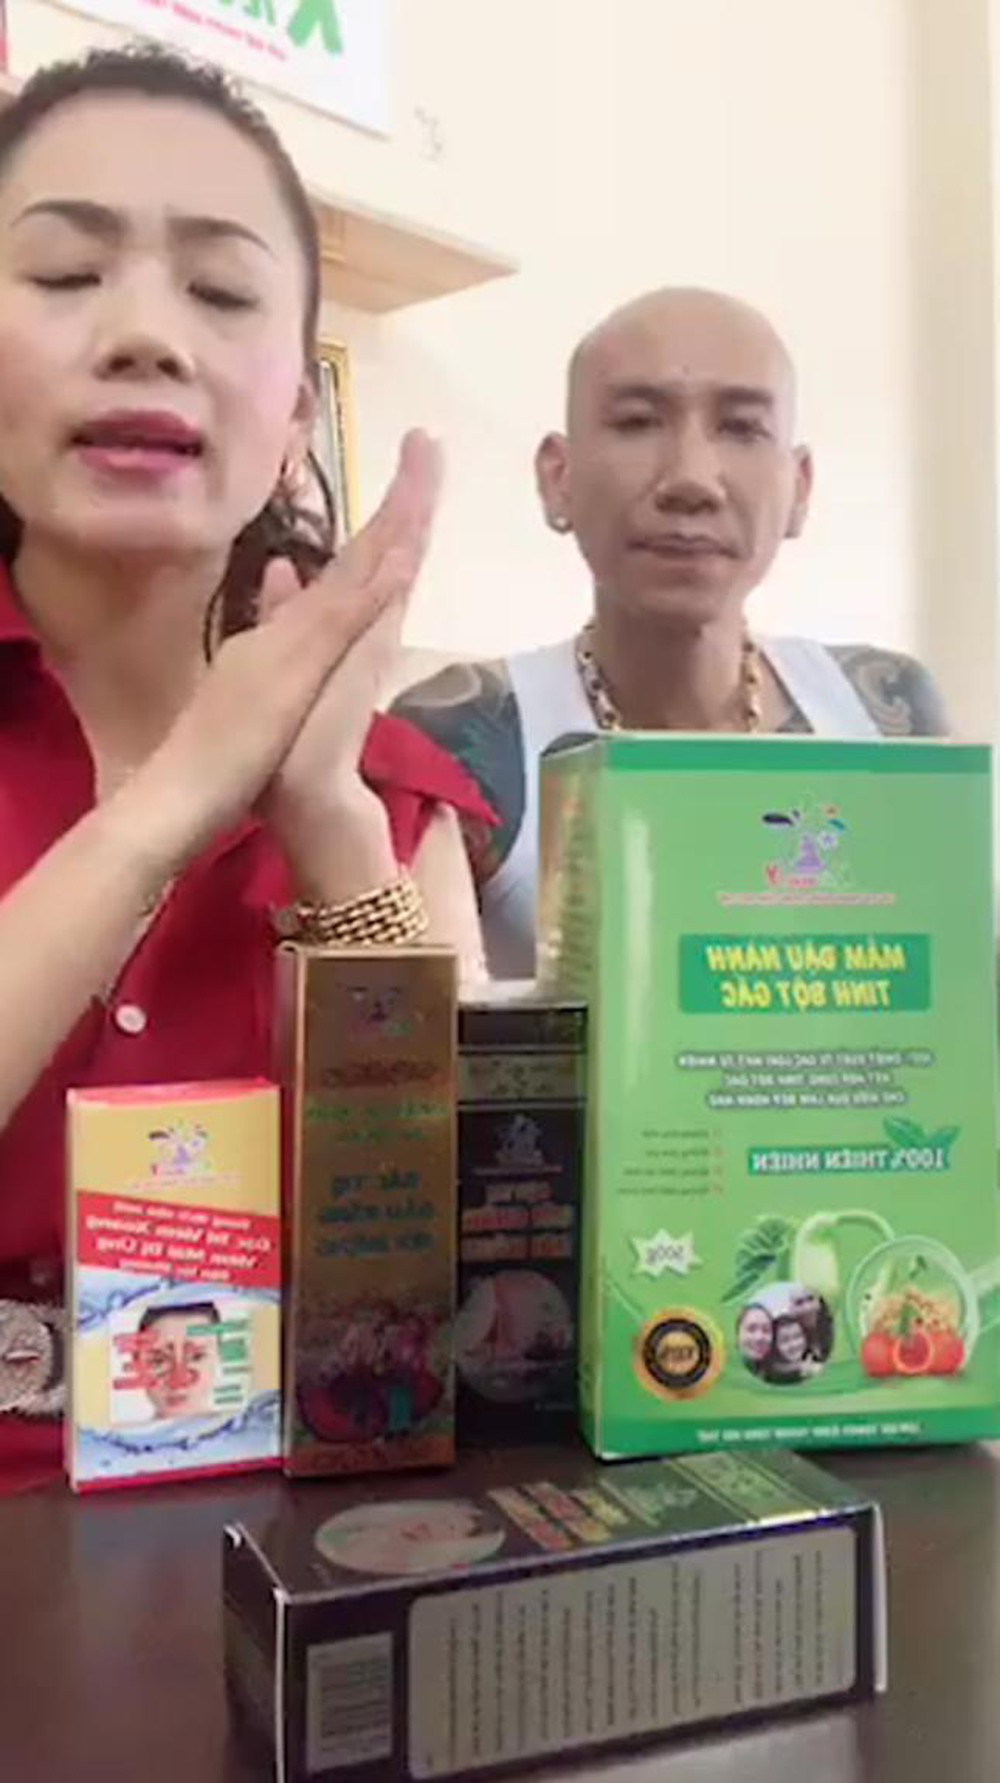 """""""Giang hồ mạng"""" Phú Lê và những nhập nhèm trong hoạt động kinh doanh - Ảnh 3."""